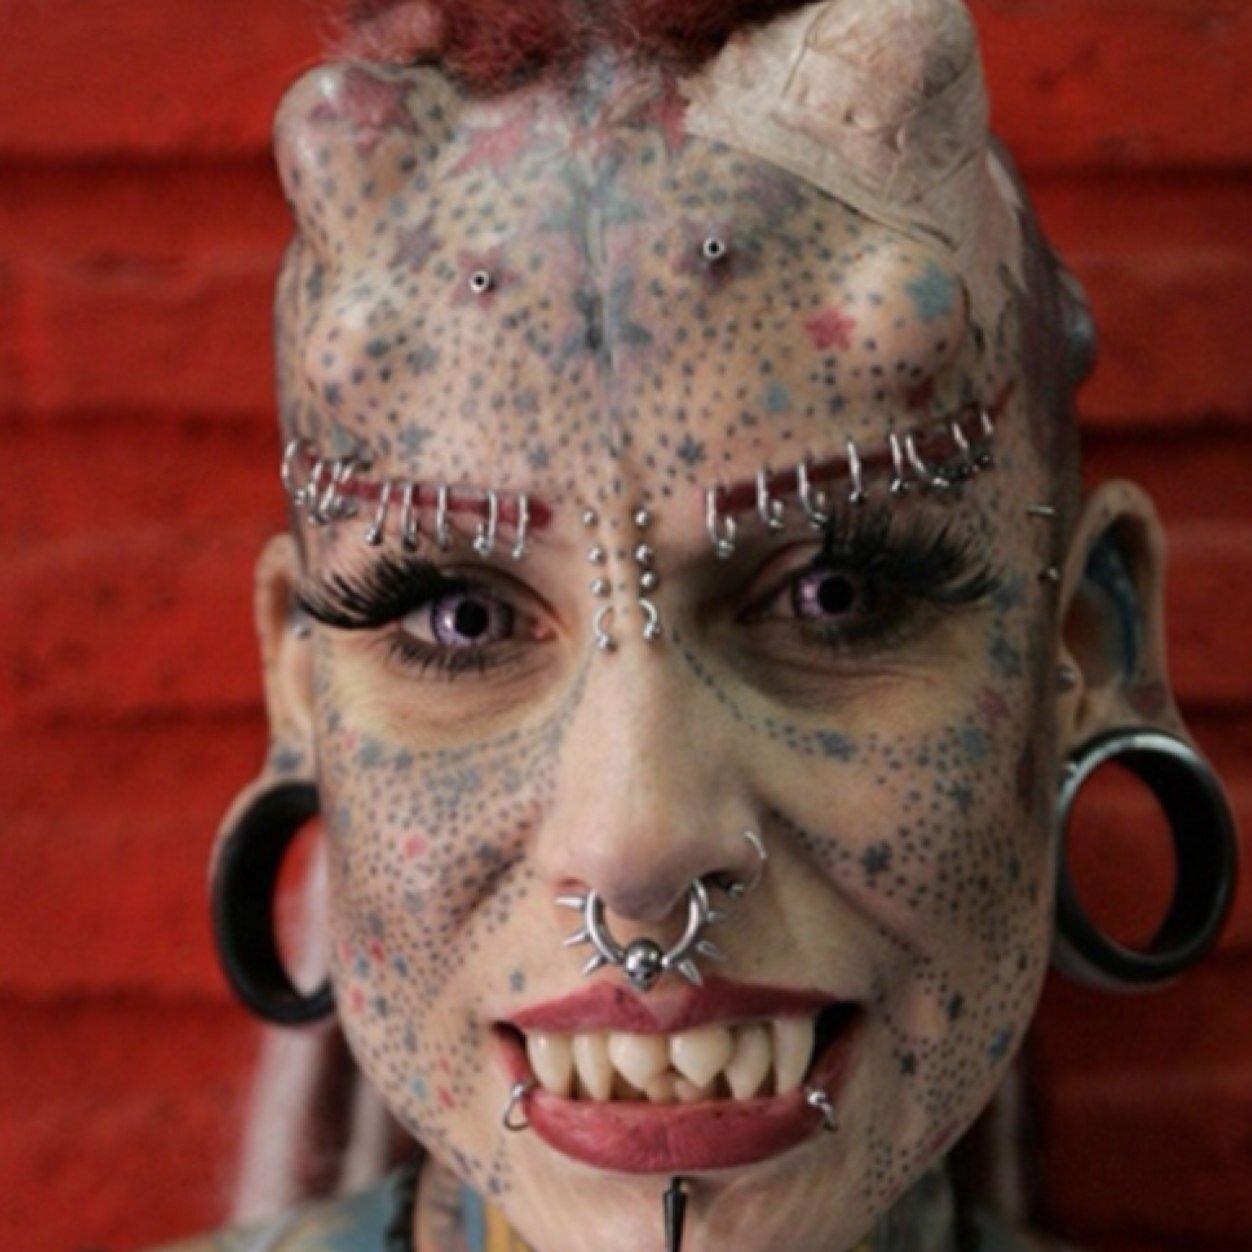 Unusual body piercings